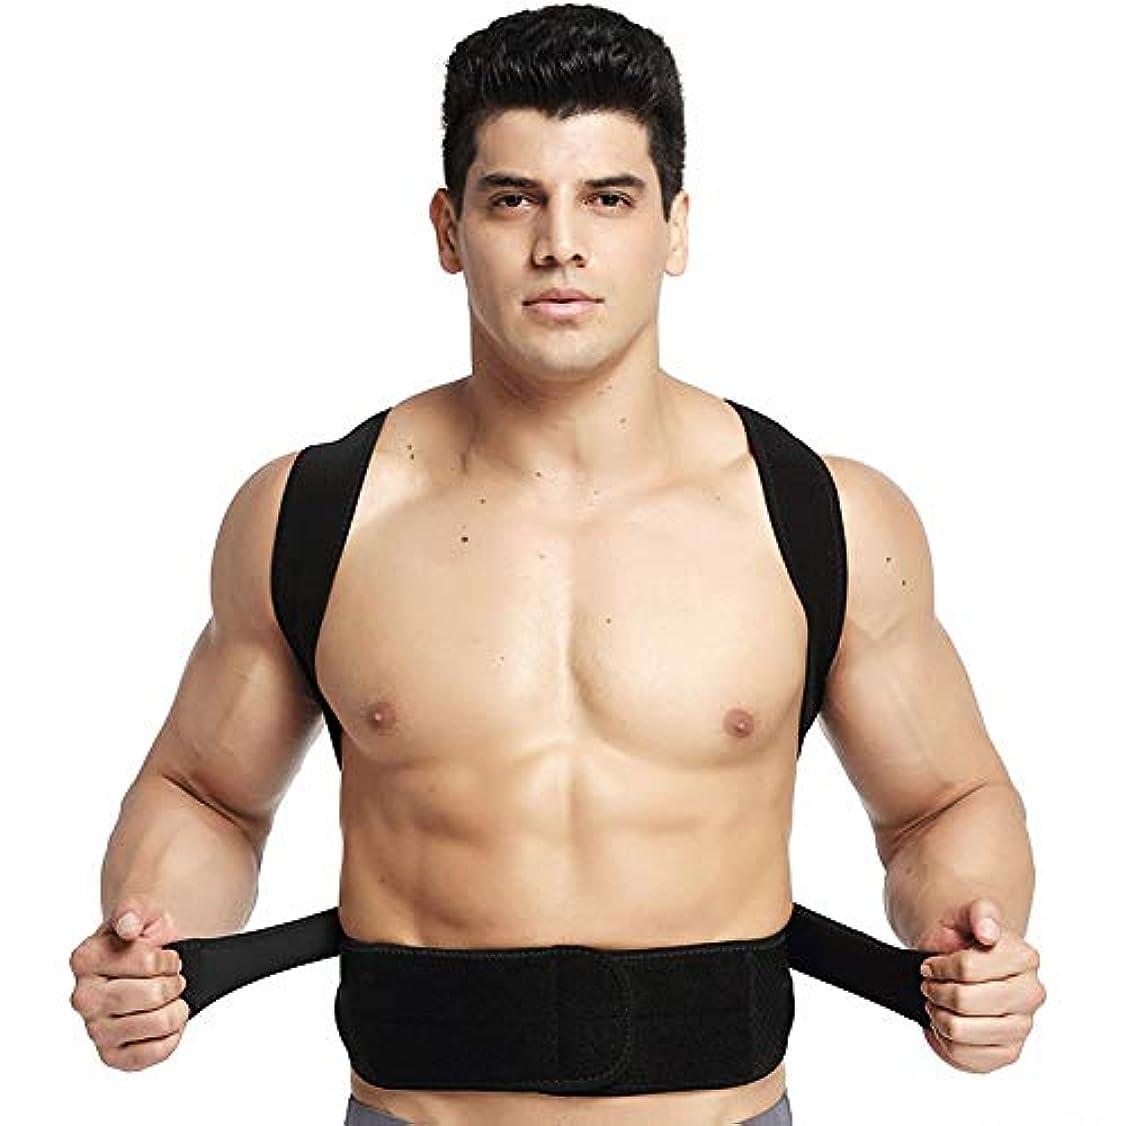 商人パッド消化器男性 姿勢矯正ベルト、調整可能 ショルダー 腰椎 サポートベルト - 姿勢サポーター キッズ 座り姿勢と立ち下がり姿勢の改善 (Size : S)